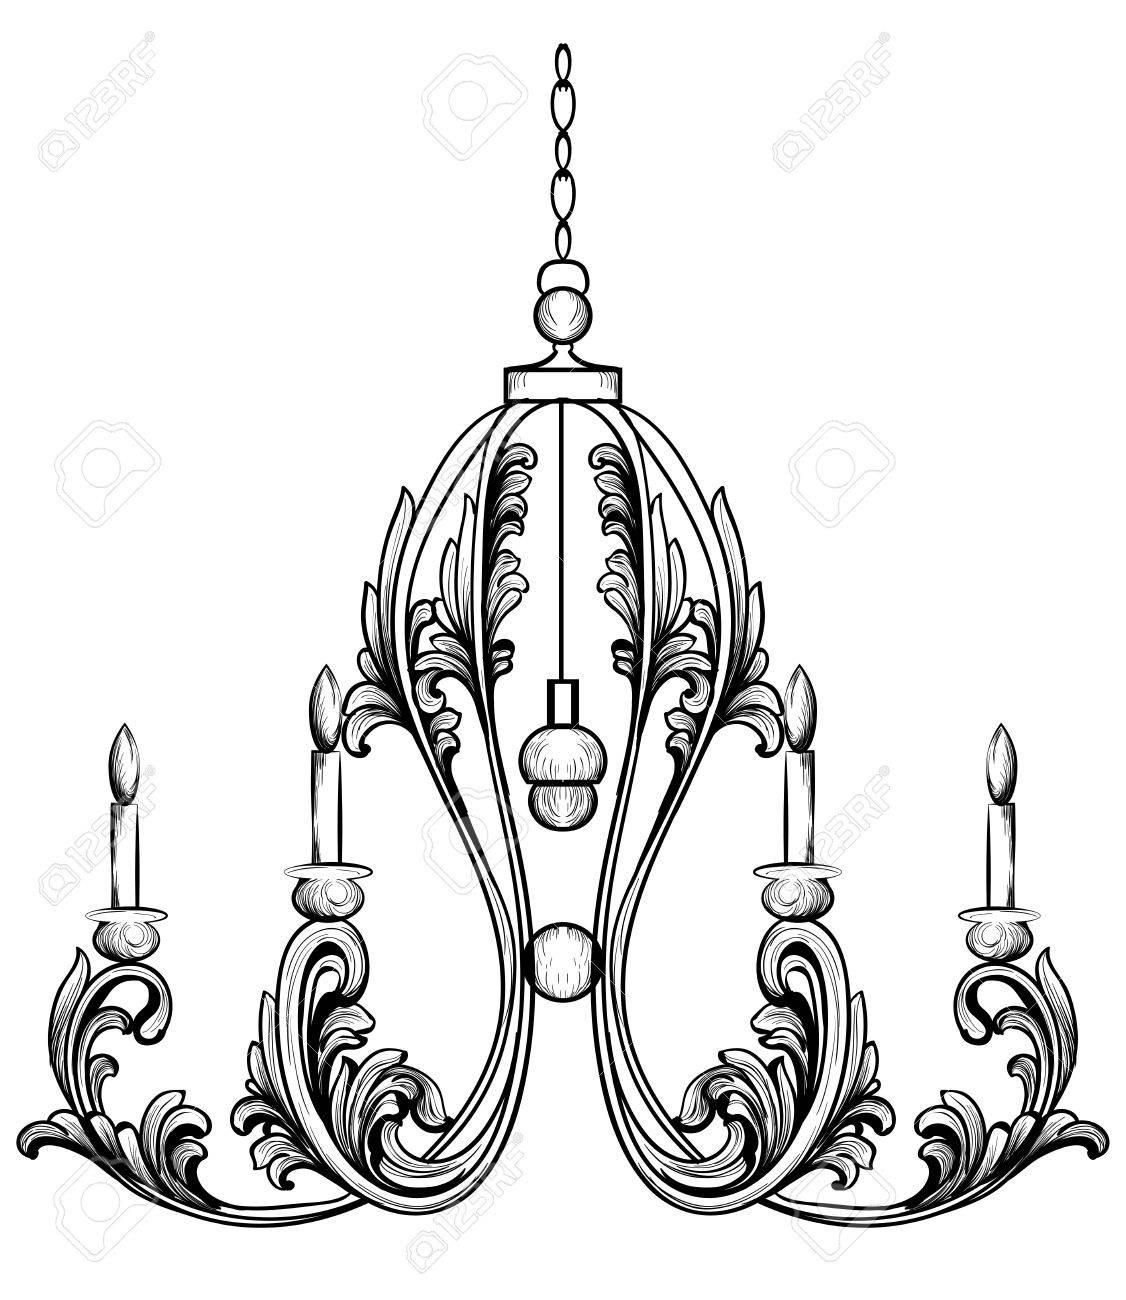 豊富なロココ クラシック シャンデリア高級装飾アクセサリーのデザイン